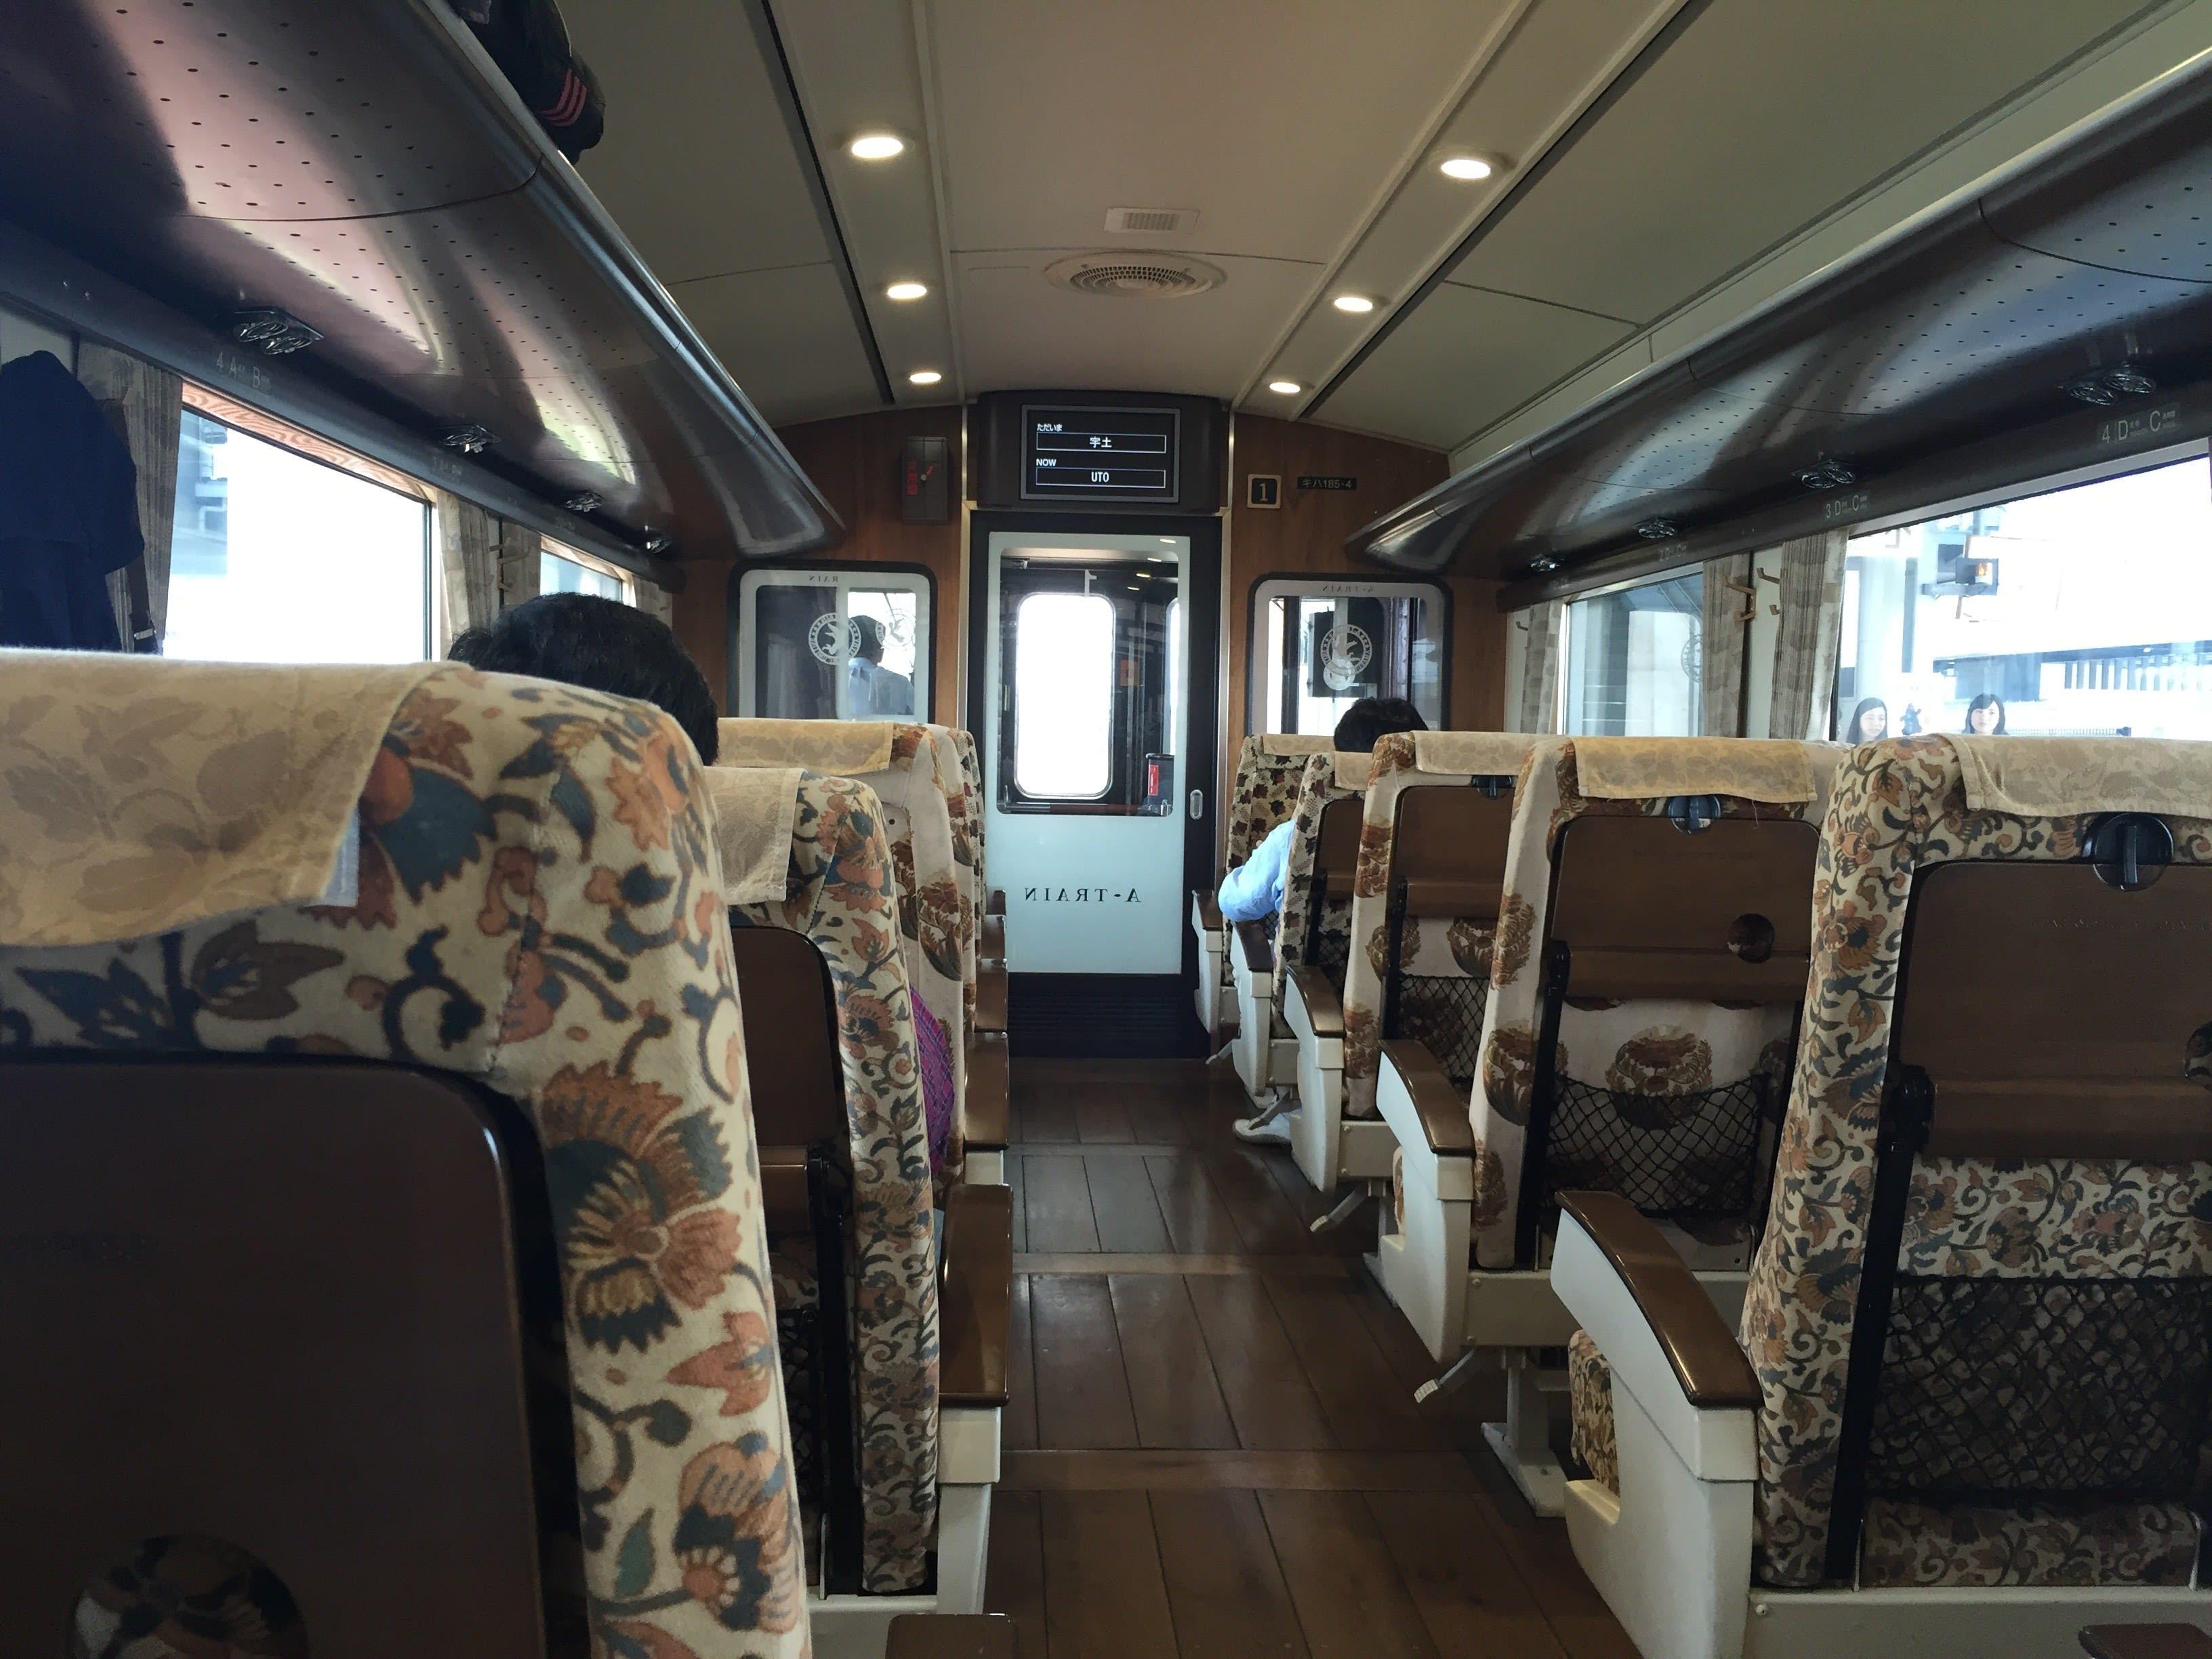 想要搭乘 A-Train 一定要事先預約指定席。Photo|Zach